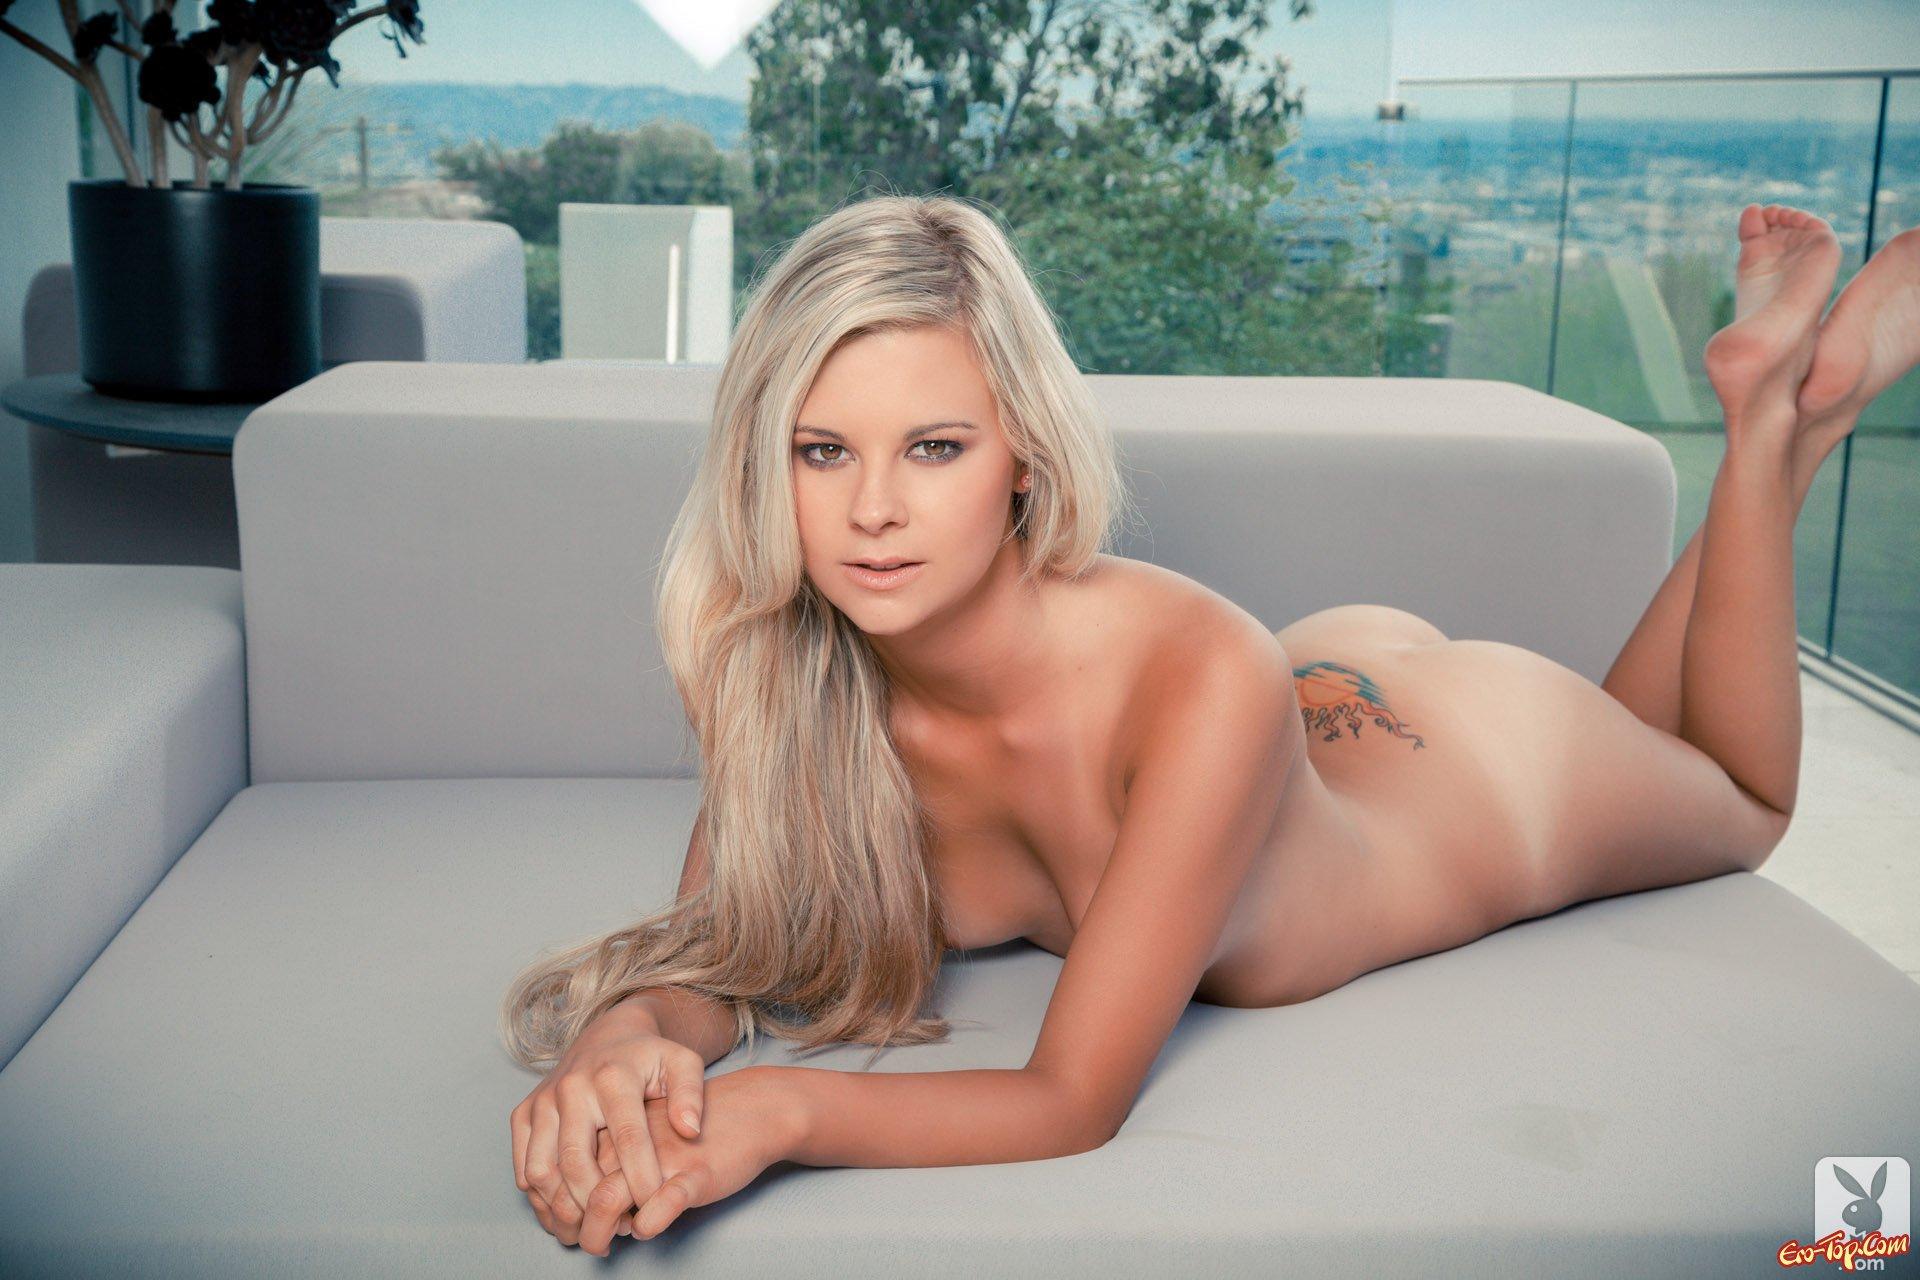 Оргазм от красивых голых девушек на фото